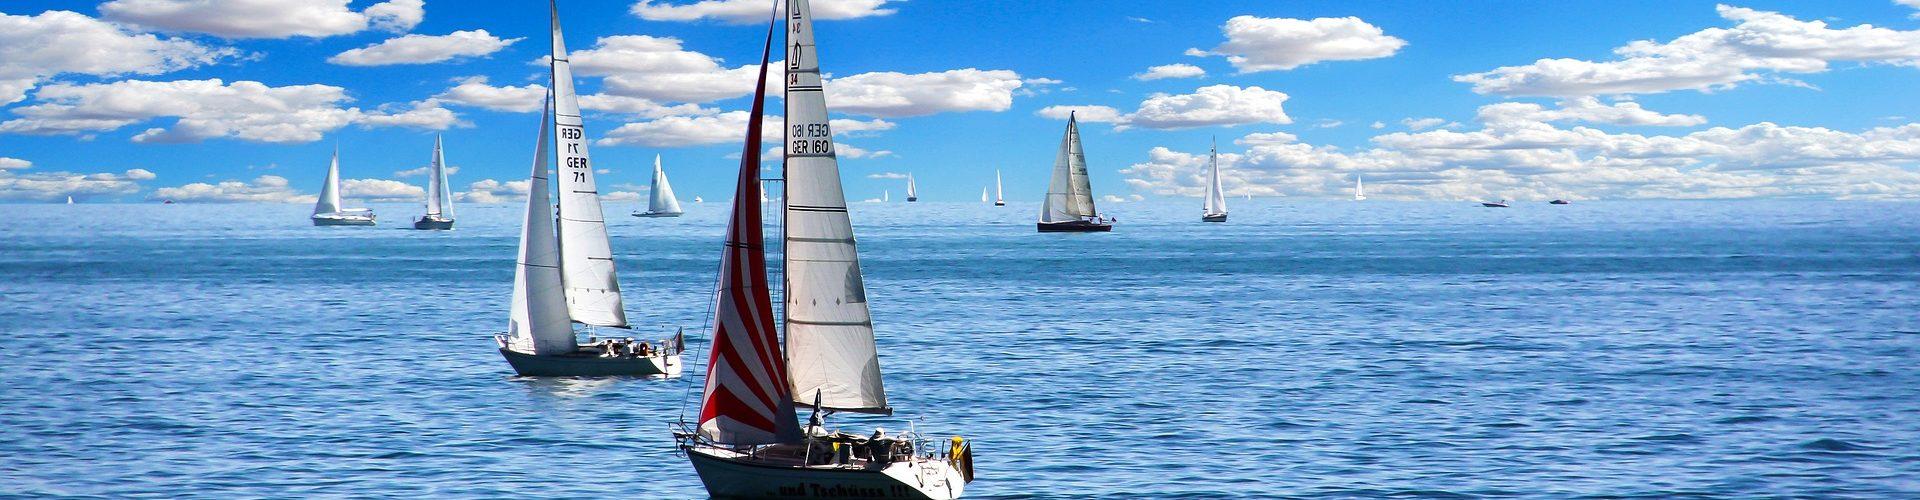 segeln lernen in Wischhafen segelschein machen in Wischhafen 1920x500 - Segeln lernen in Wischhafen